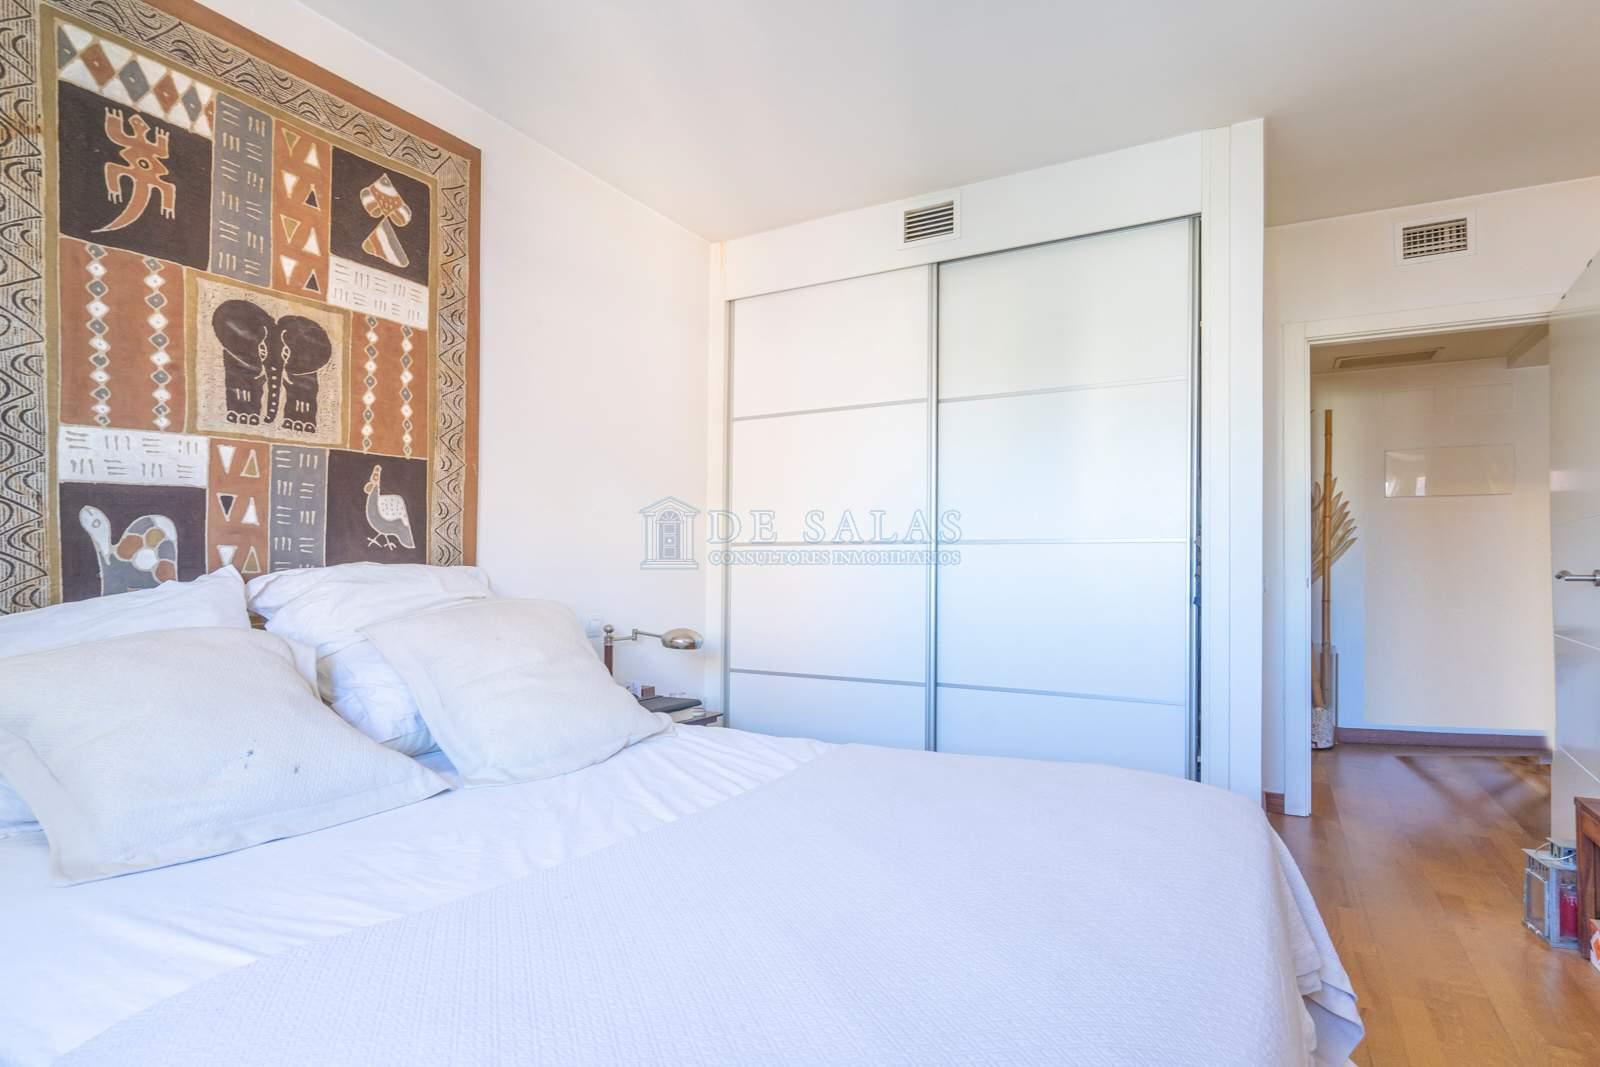 09 Appartement Arturo Soria